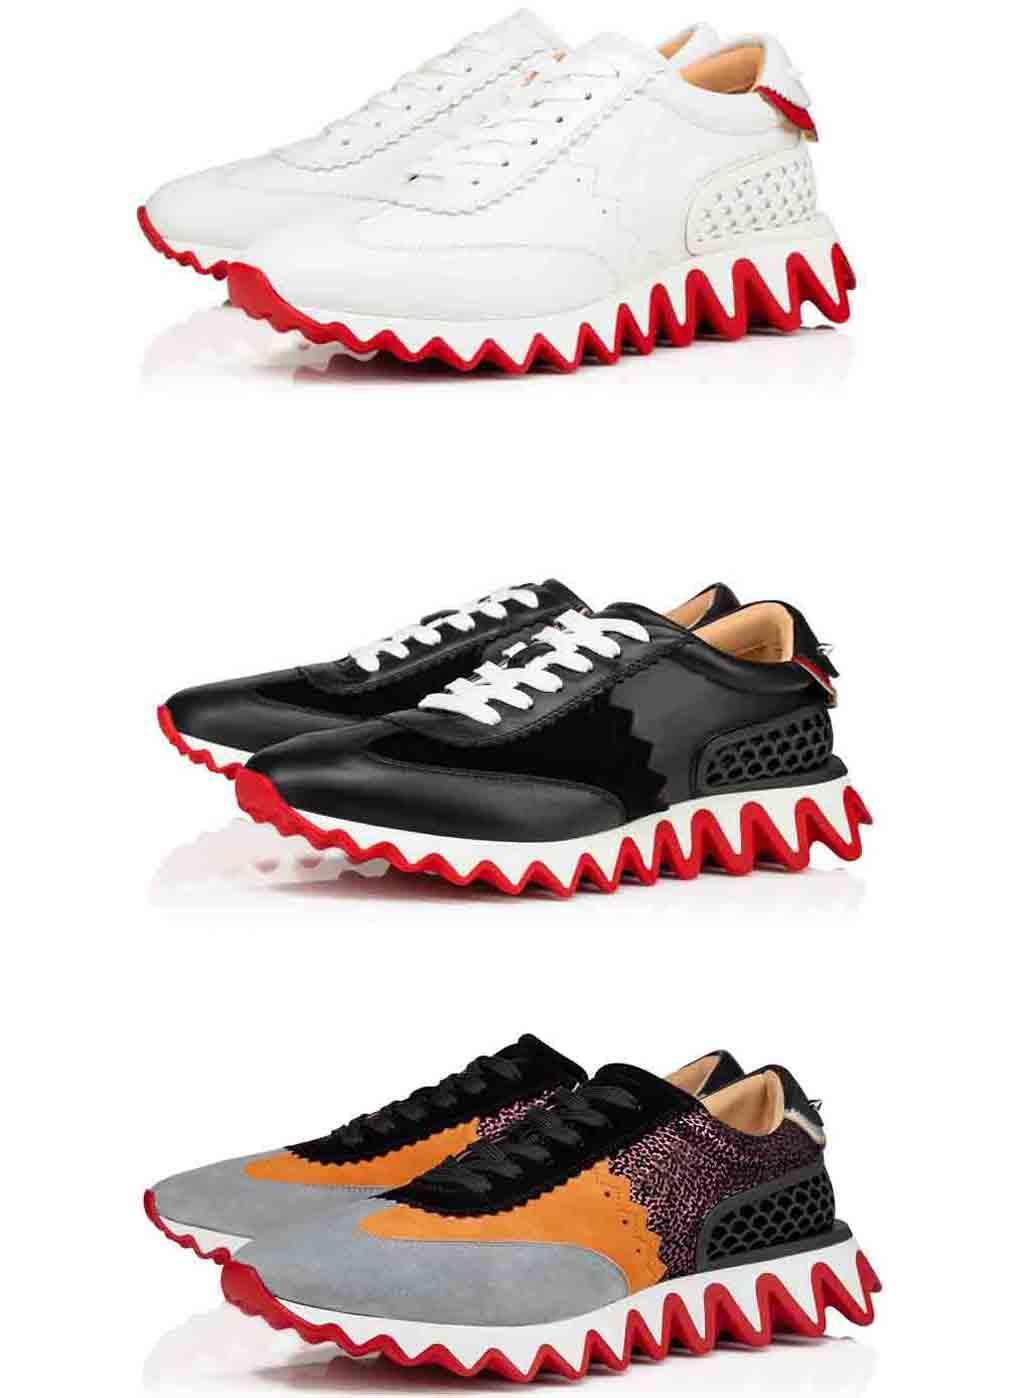 """New Style Rote Sohlen Gezackt Stil, Luxurys Dessings Herrenschuhe Rote Bottom Sneakers """"Louisharksdonna"""" Flache rote Sohlen Schuhe Kleid zu Fuß"""